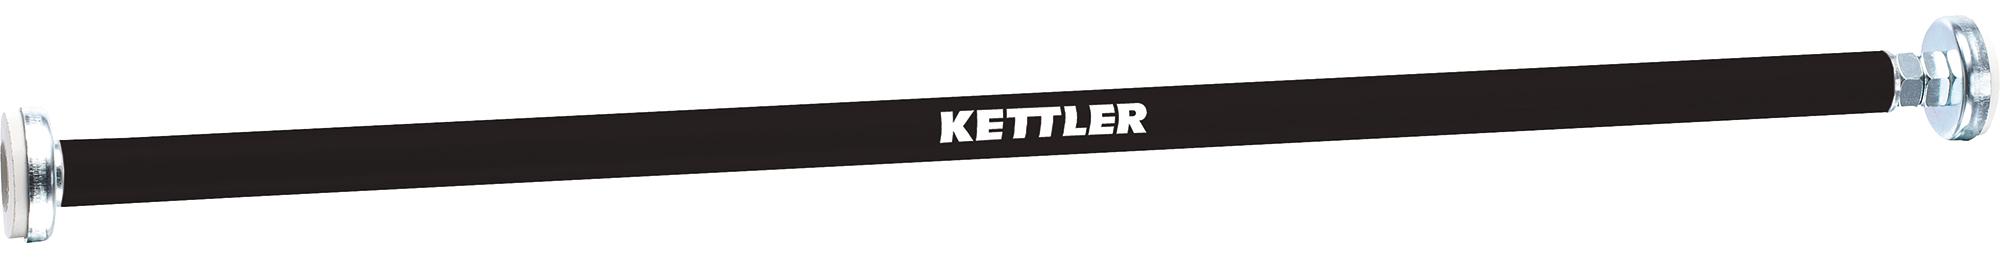 Kettler Турник в дверной проем Kettler турник перекладина в проем раздвижной 1100 1300мм фси 584